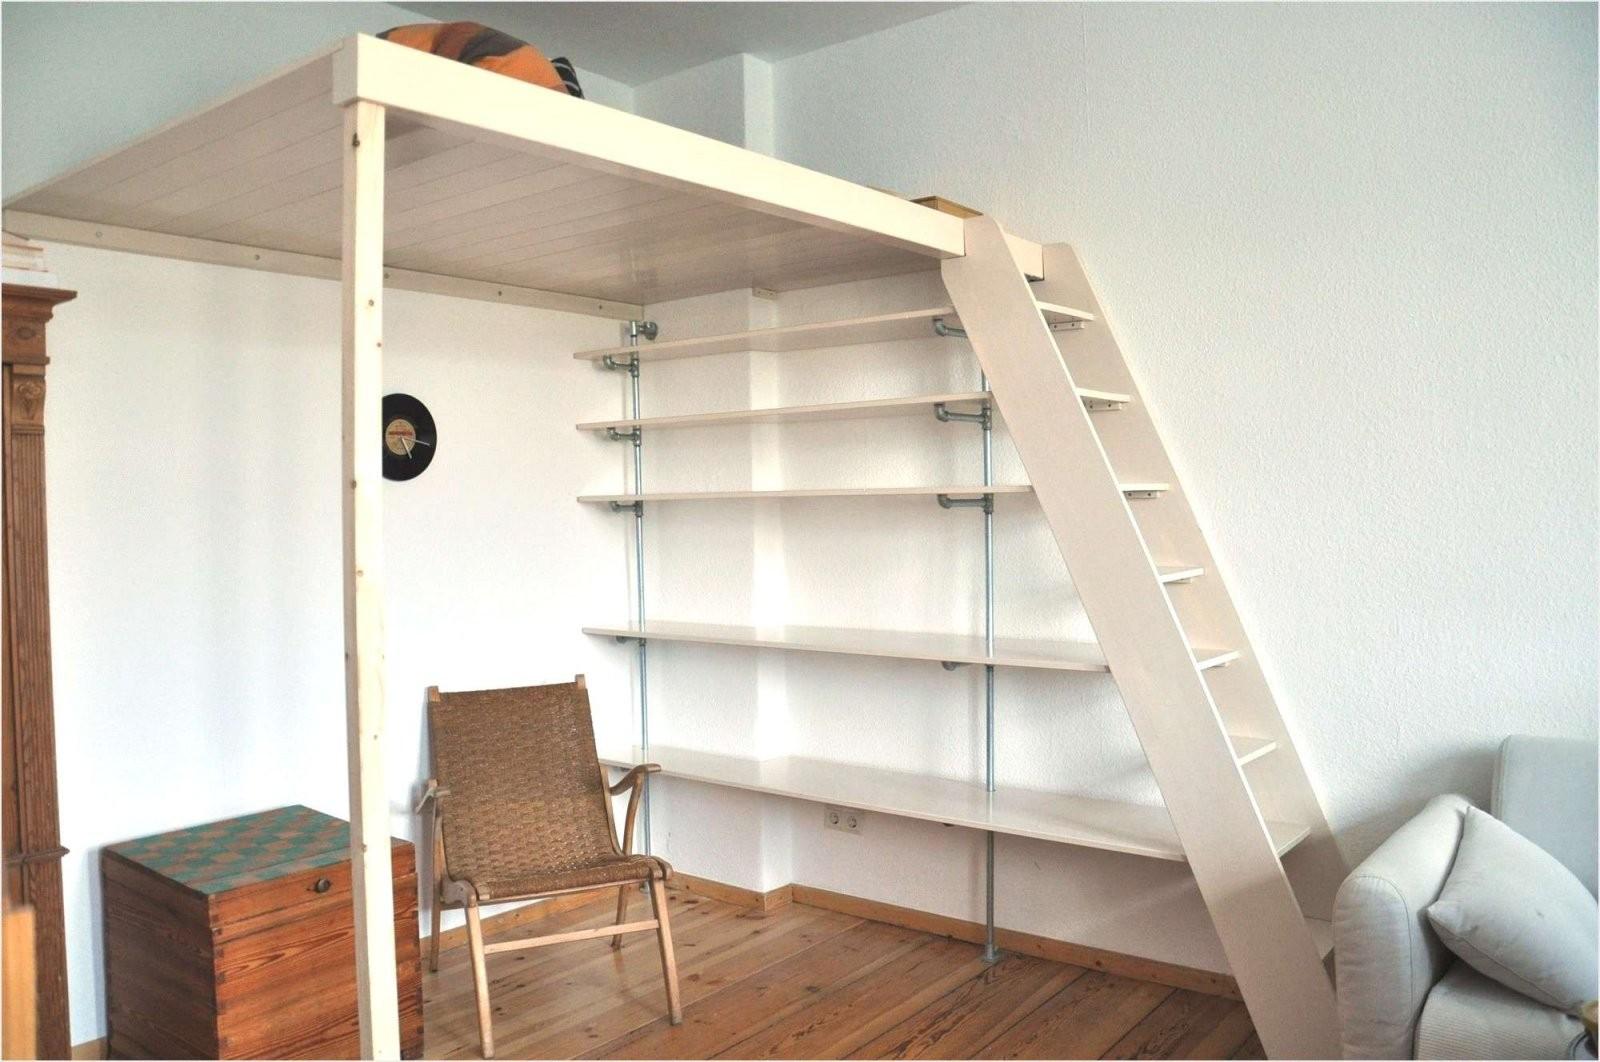 Hochbett Treppe Selber Bauen Schön Mit Schrank Bett New Amuda Bett von Bett Mit Stufen Selber Bauen Photo